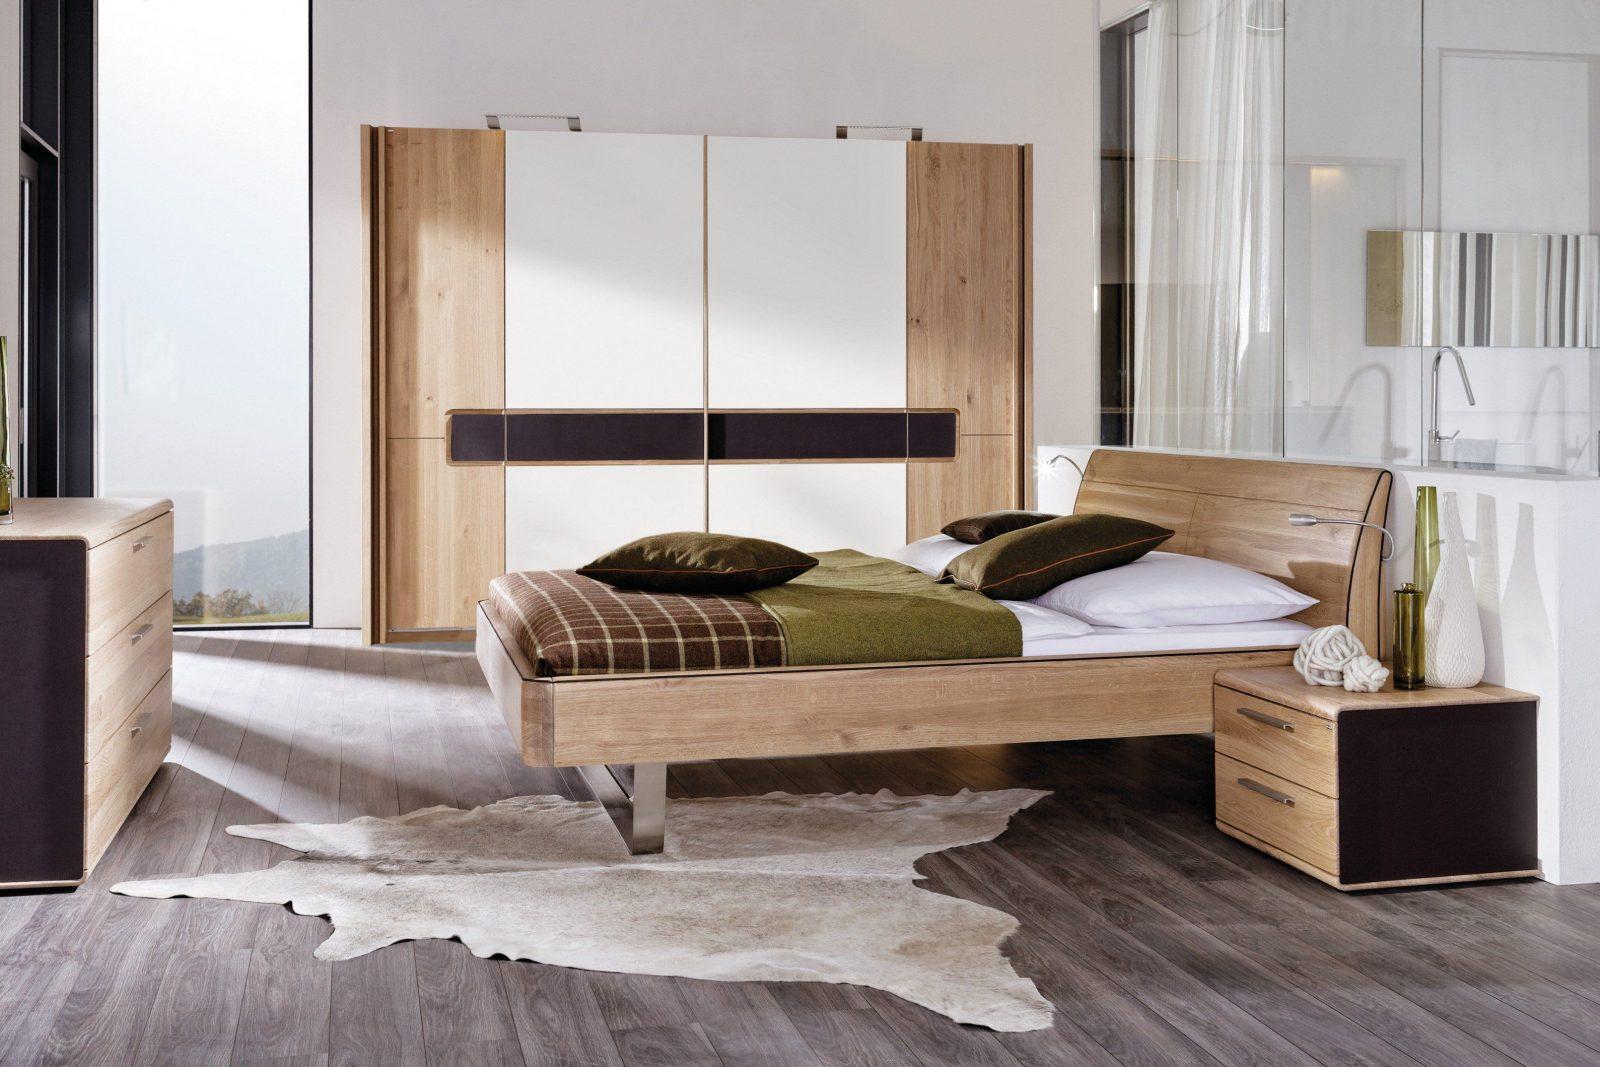 Voglauer Schlafzimmer Levana Full Hd Wallpaper Fotos Beliebt von Voglauer Bett V Pur Photo